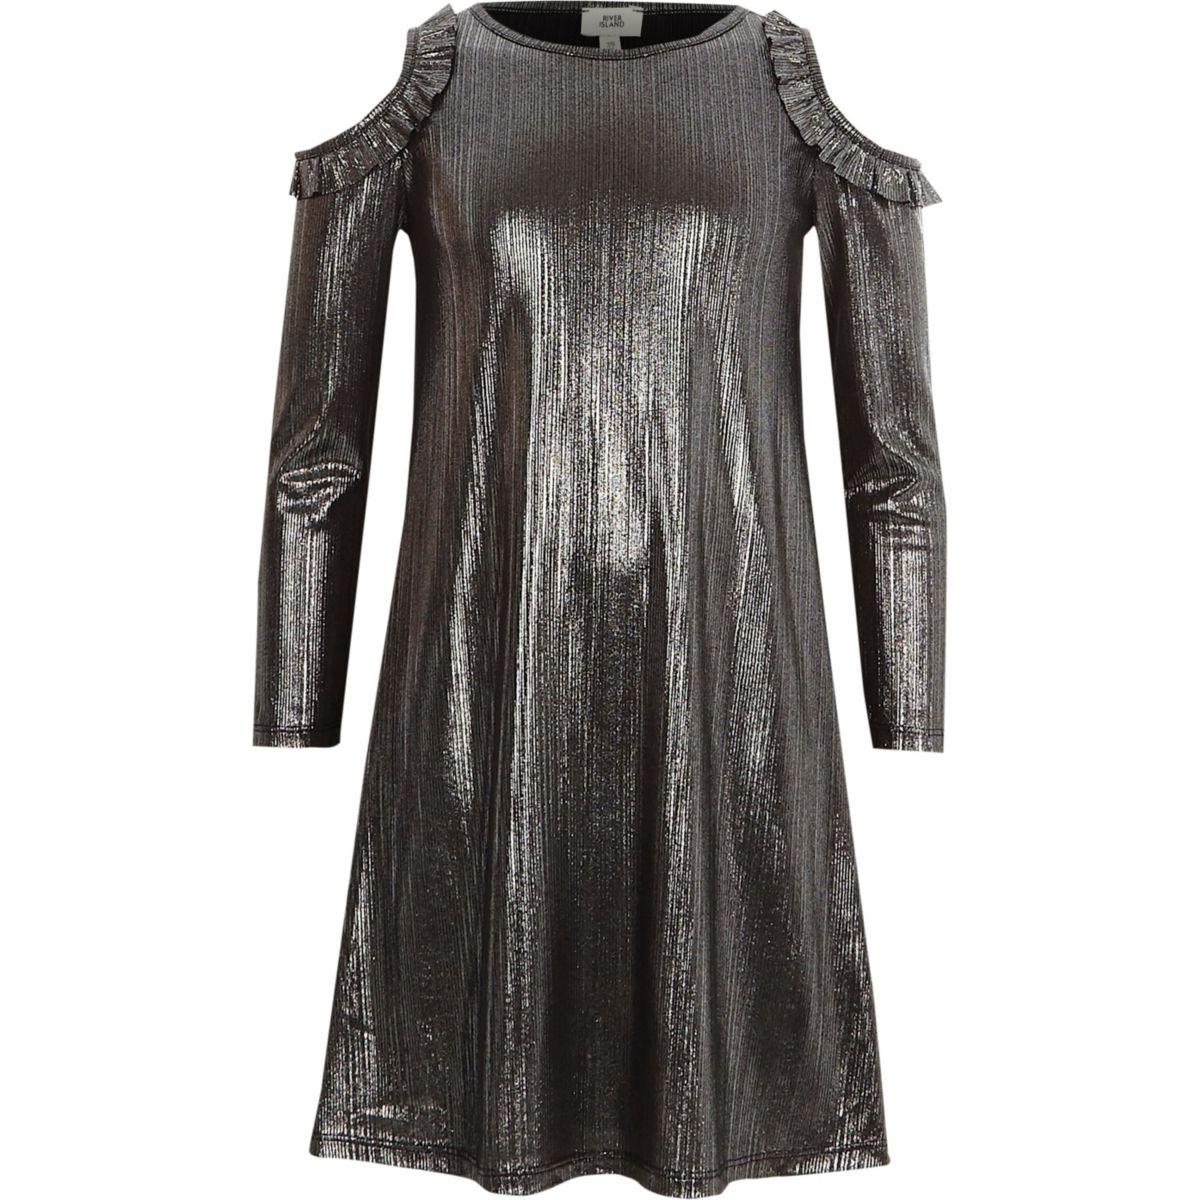 Kleid mit Schulterausschnitten in Metallic-Grau